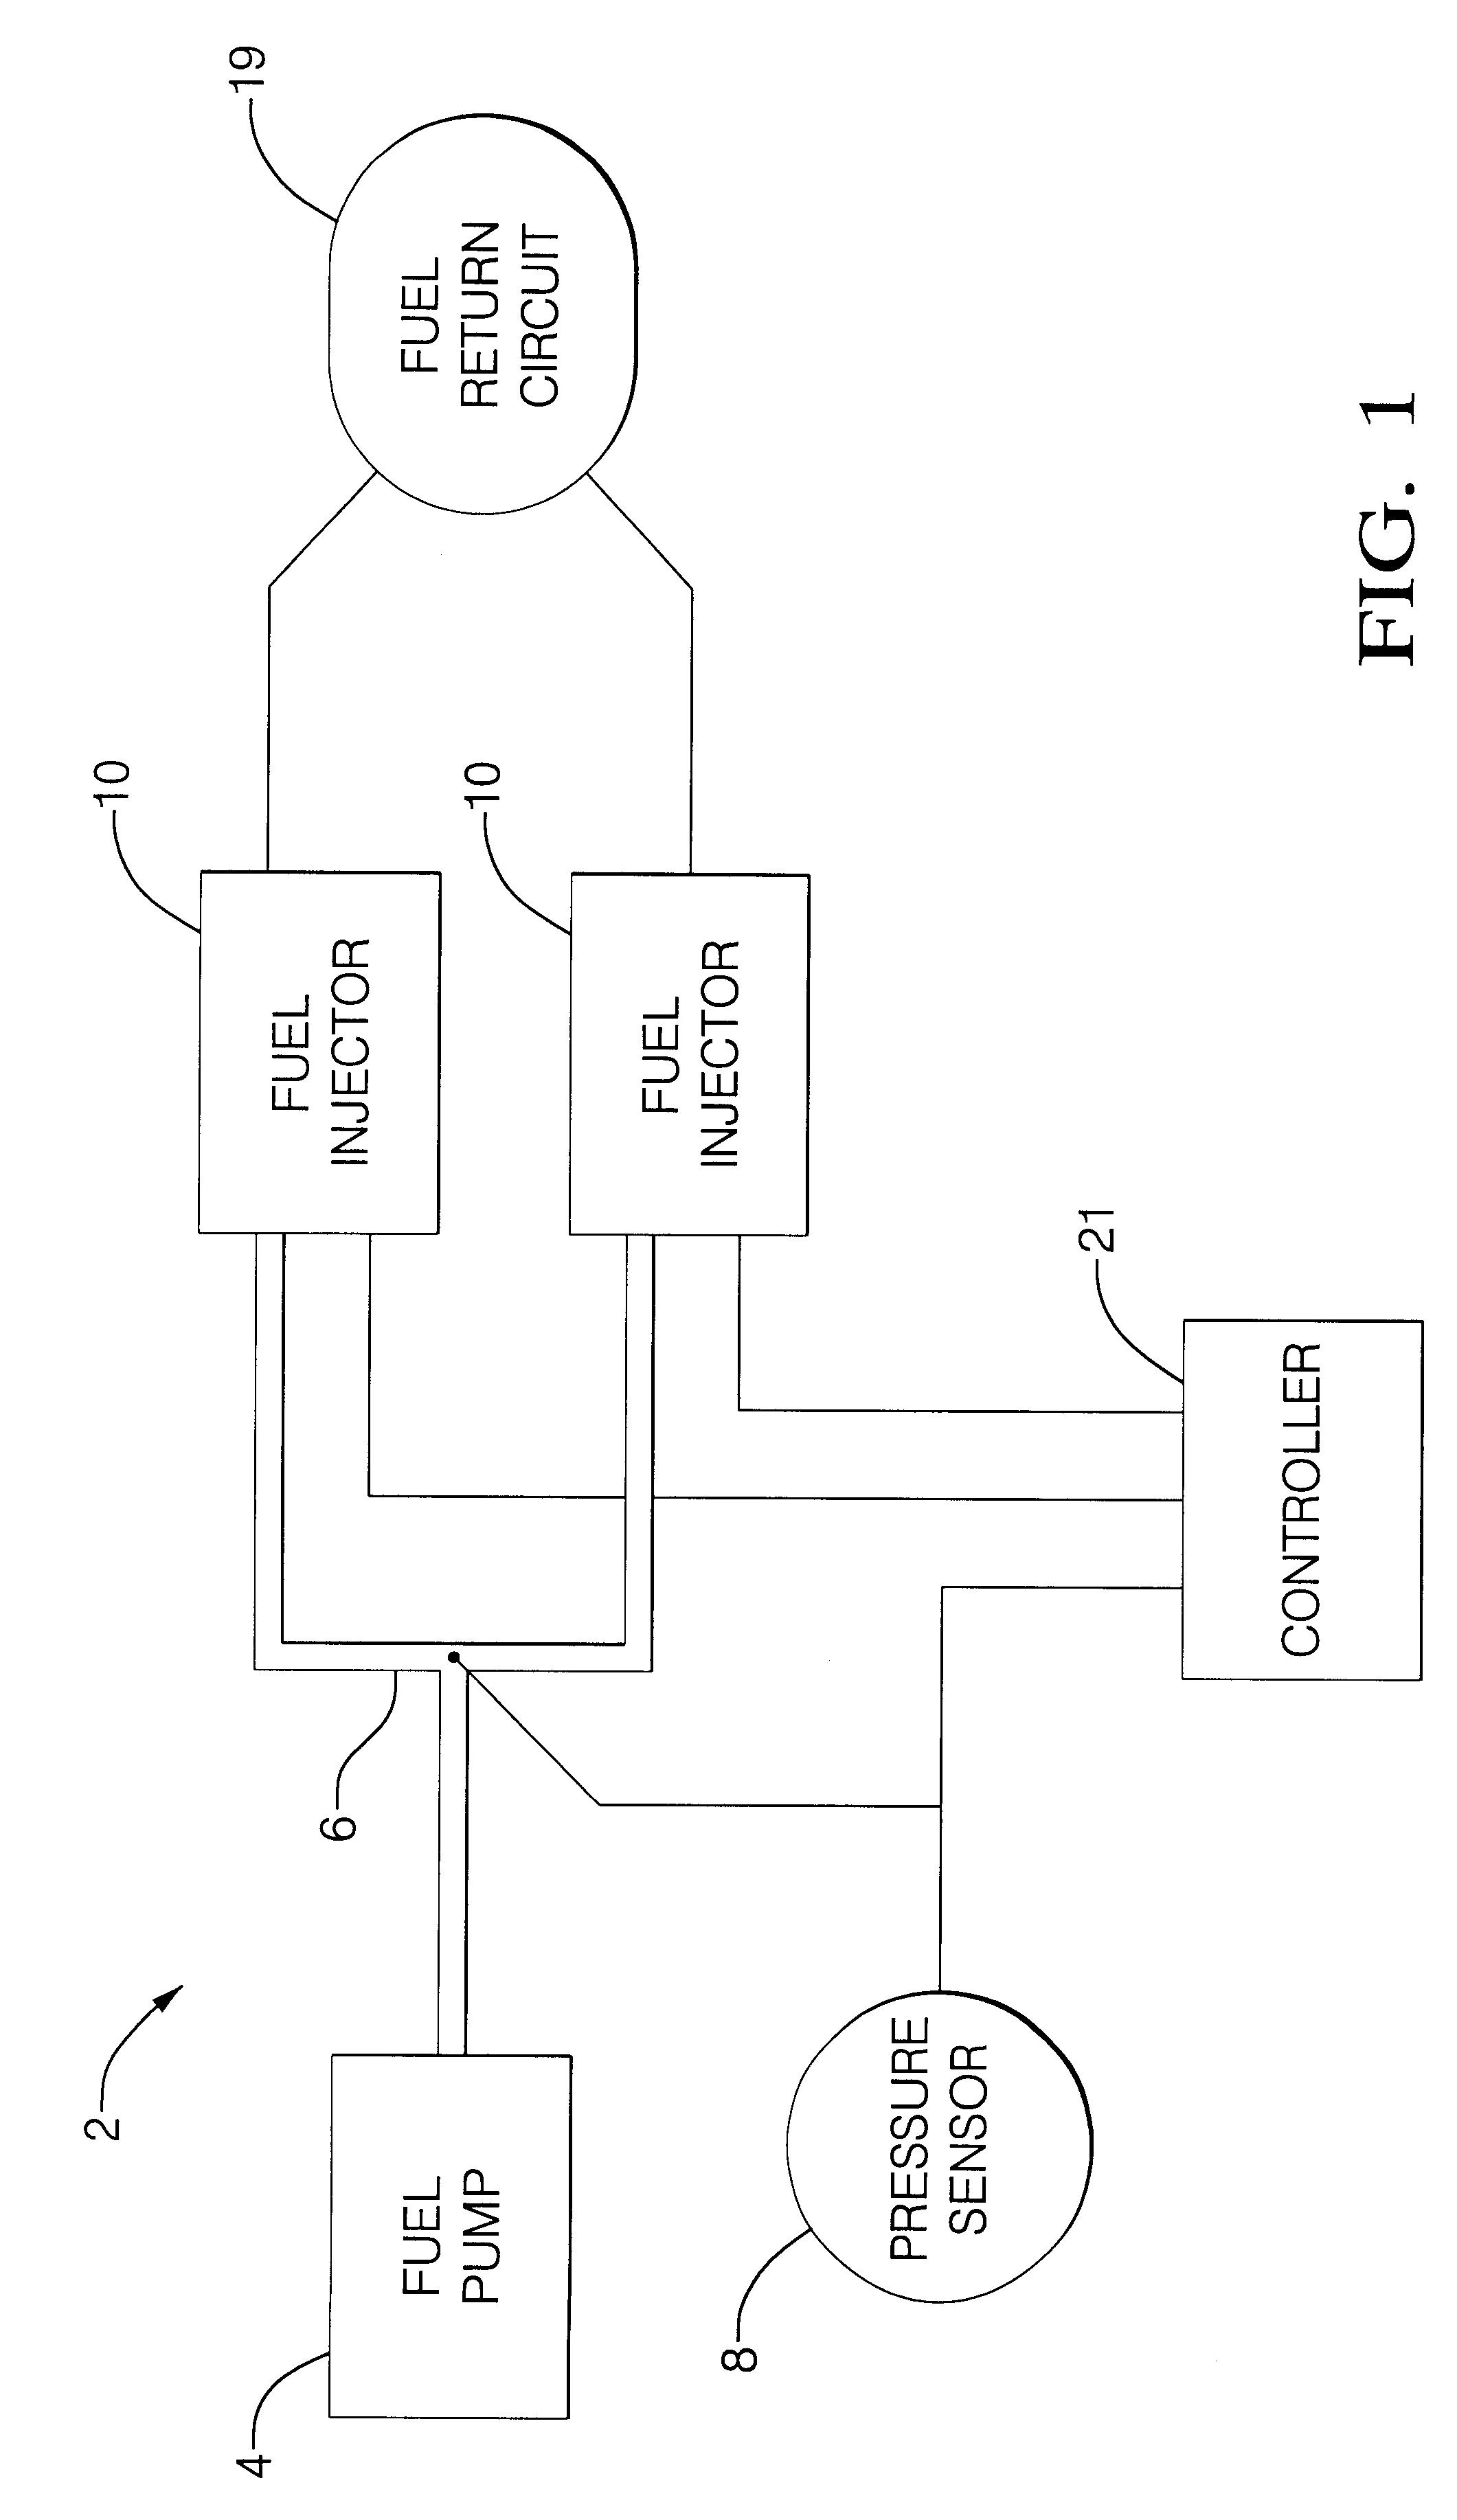 patent us6345606